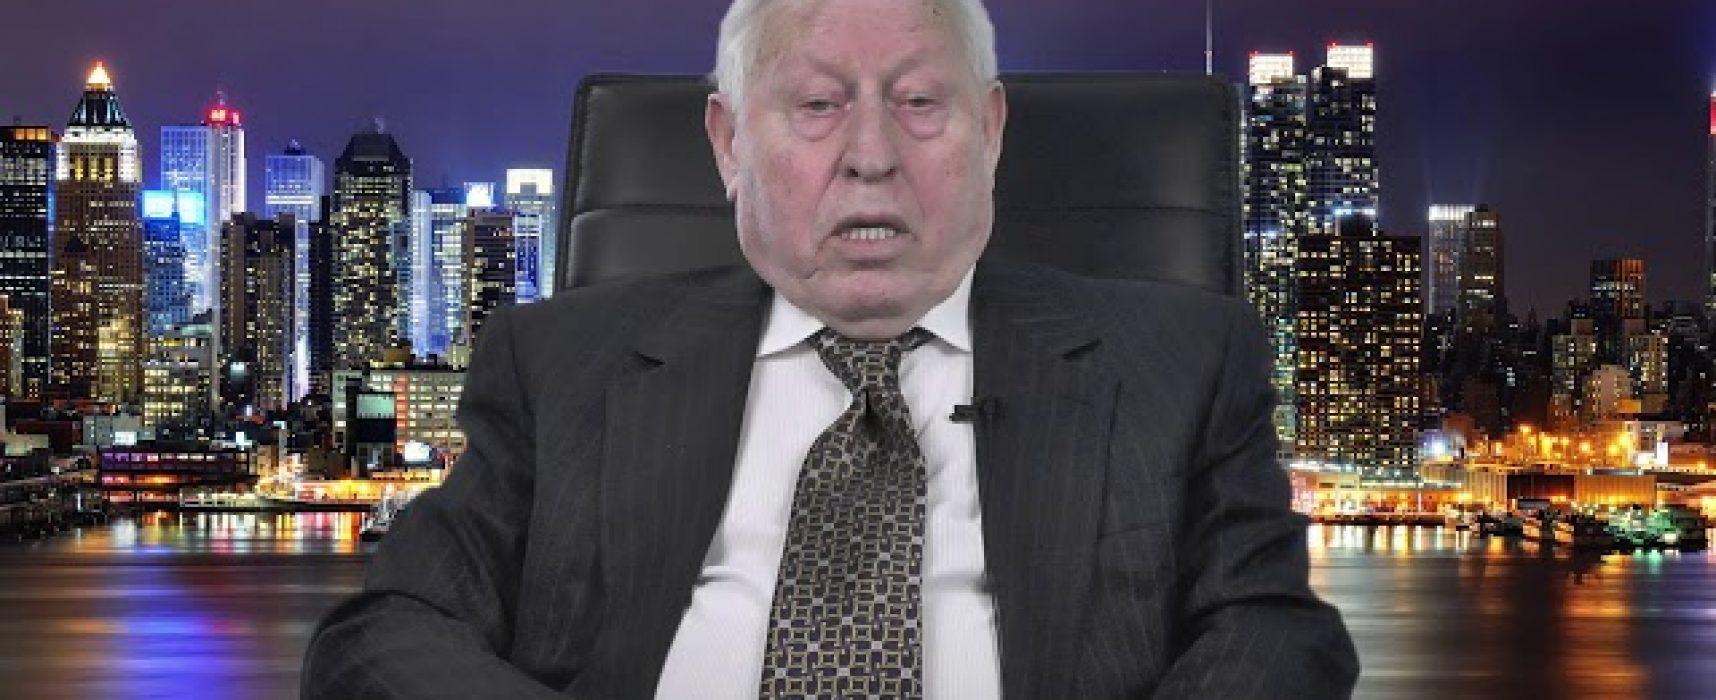 Разоблачители «Банды Порошенко» оказались героями расследований The Insider о Солнцевской ОПГ